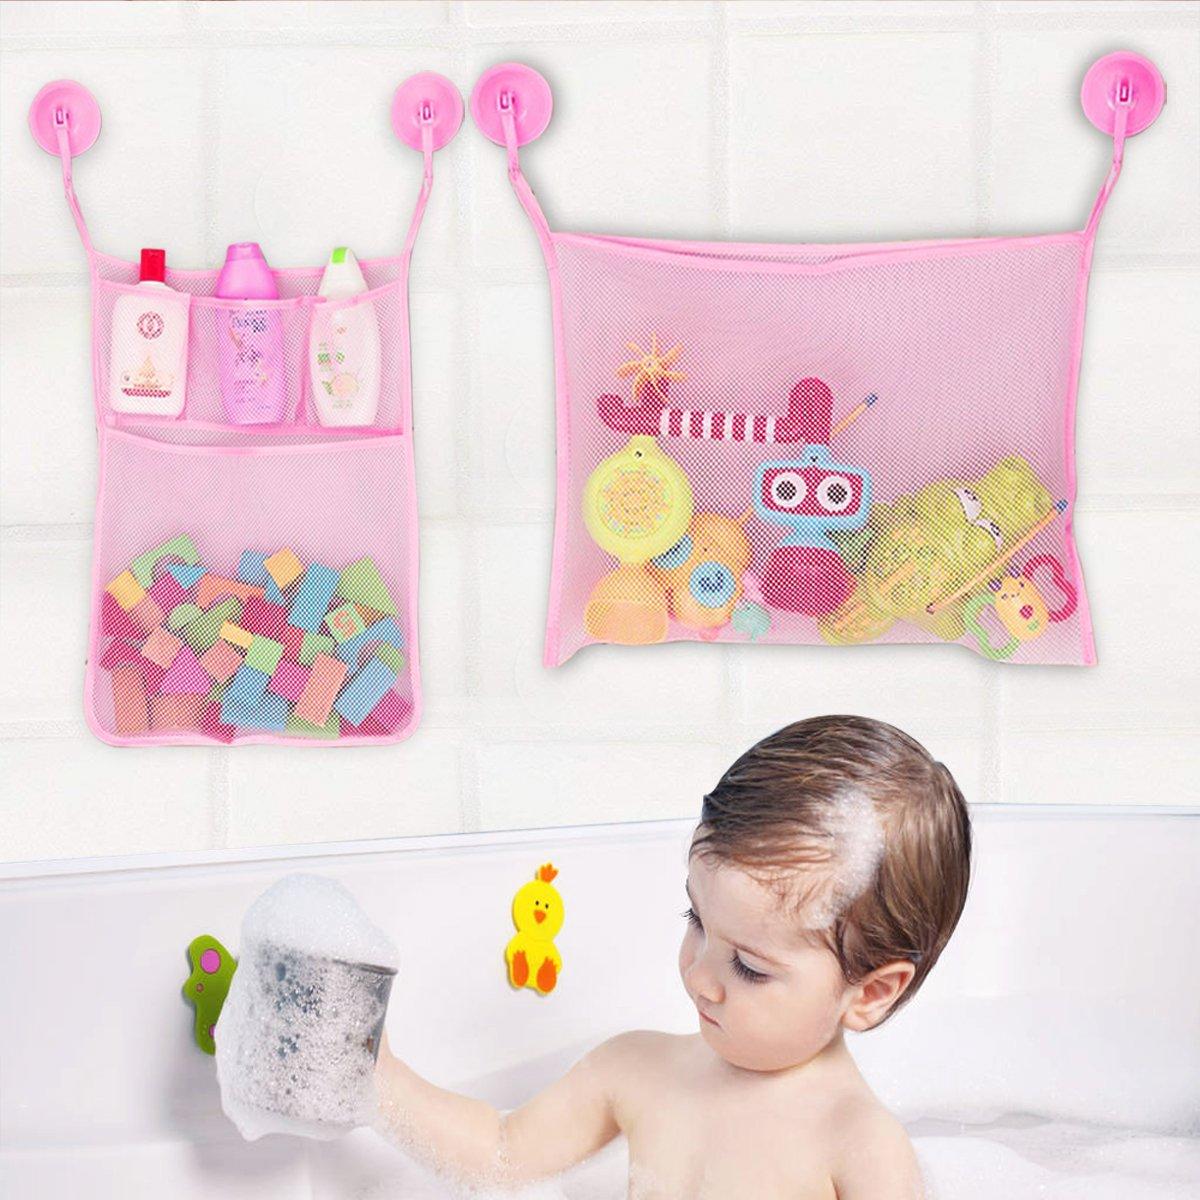 Jayden78 Bath Toys, 2 x Bath Toy Organizer + 4 x Ultra Strong Hooks& + 2 x 3M Sticker The Perfect Net for Bathtub Toys & Bathroom Storage